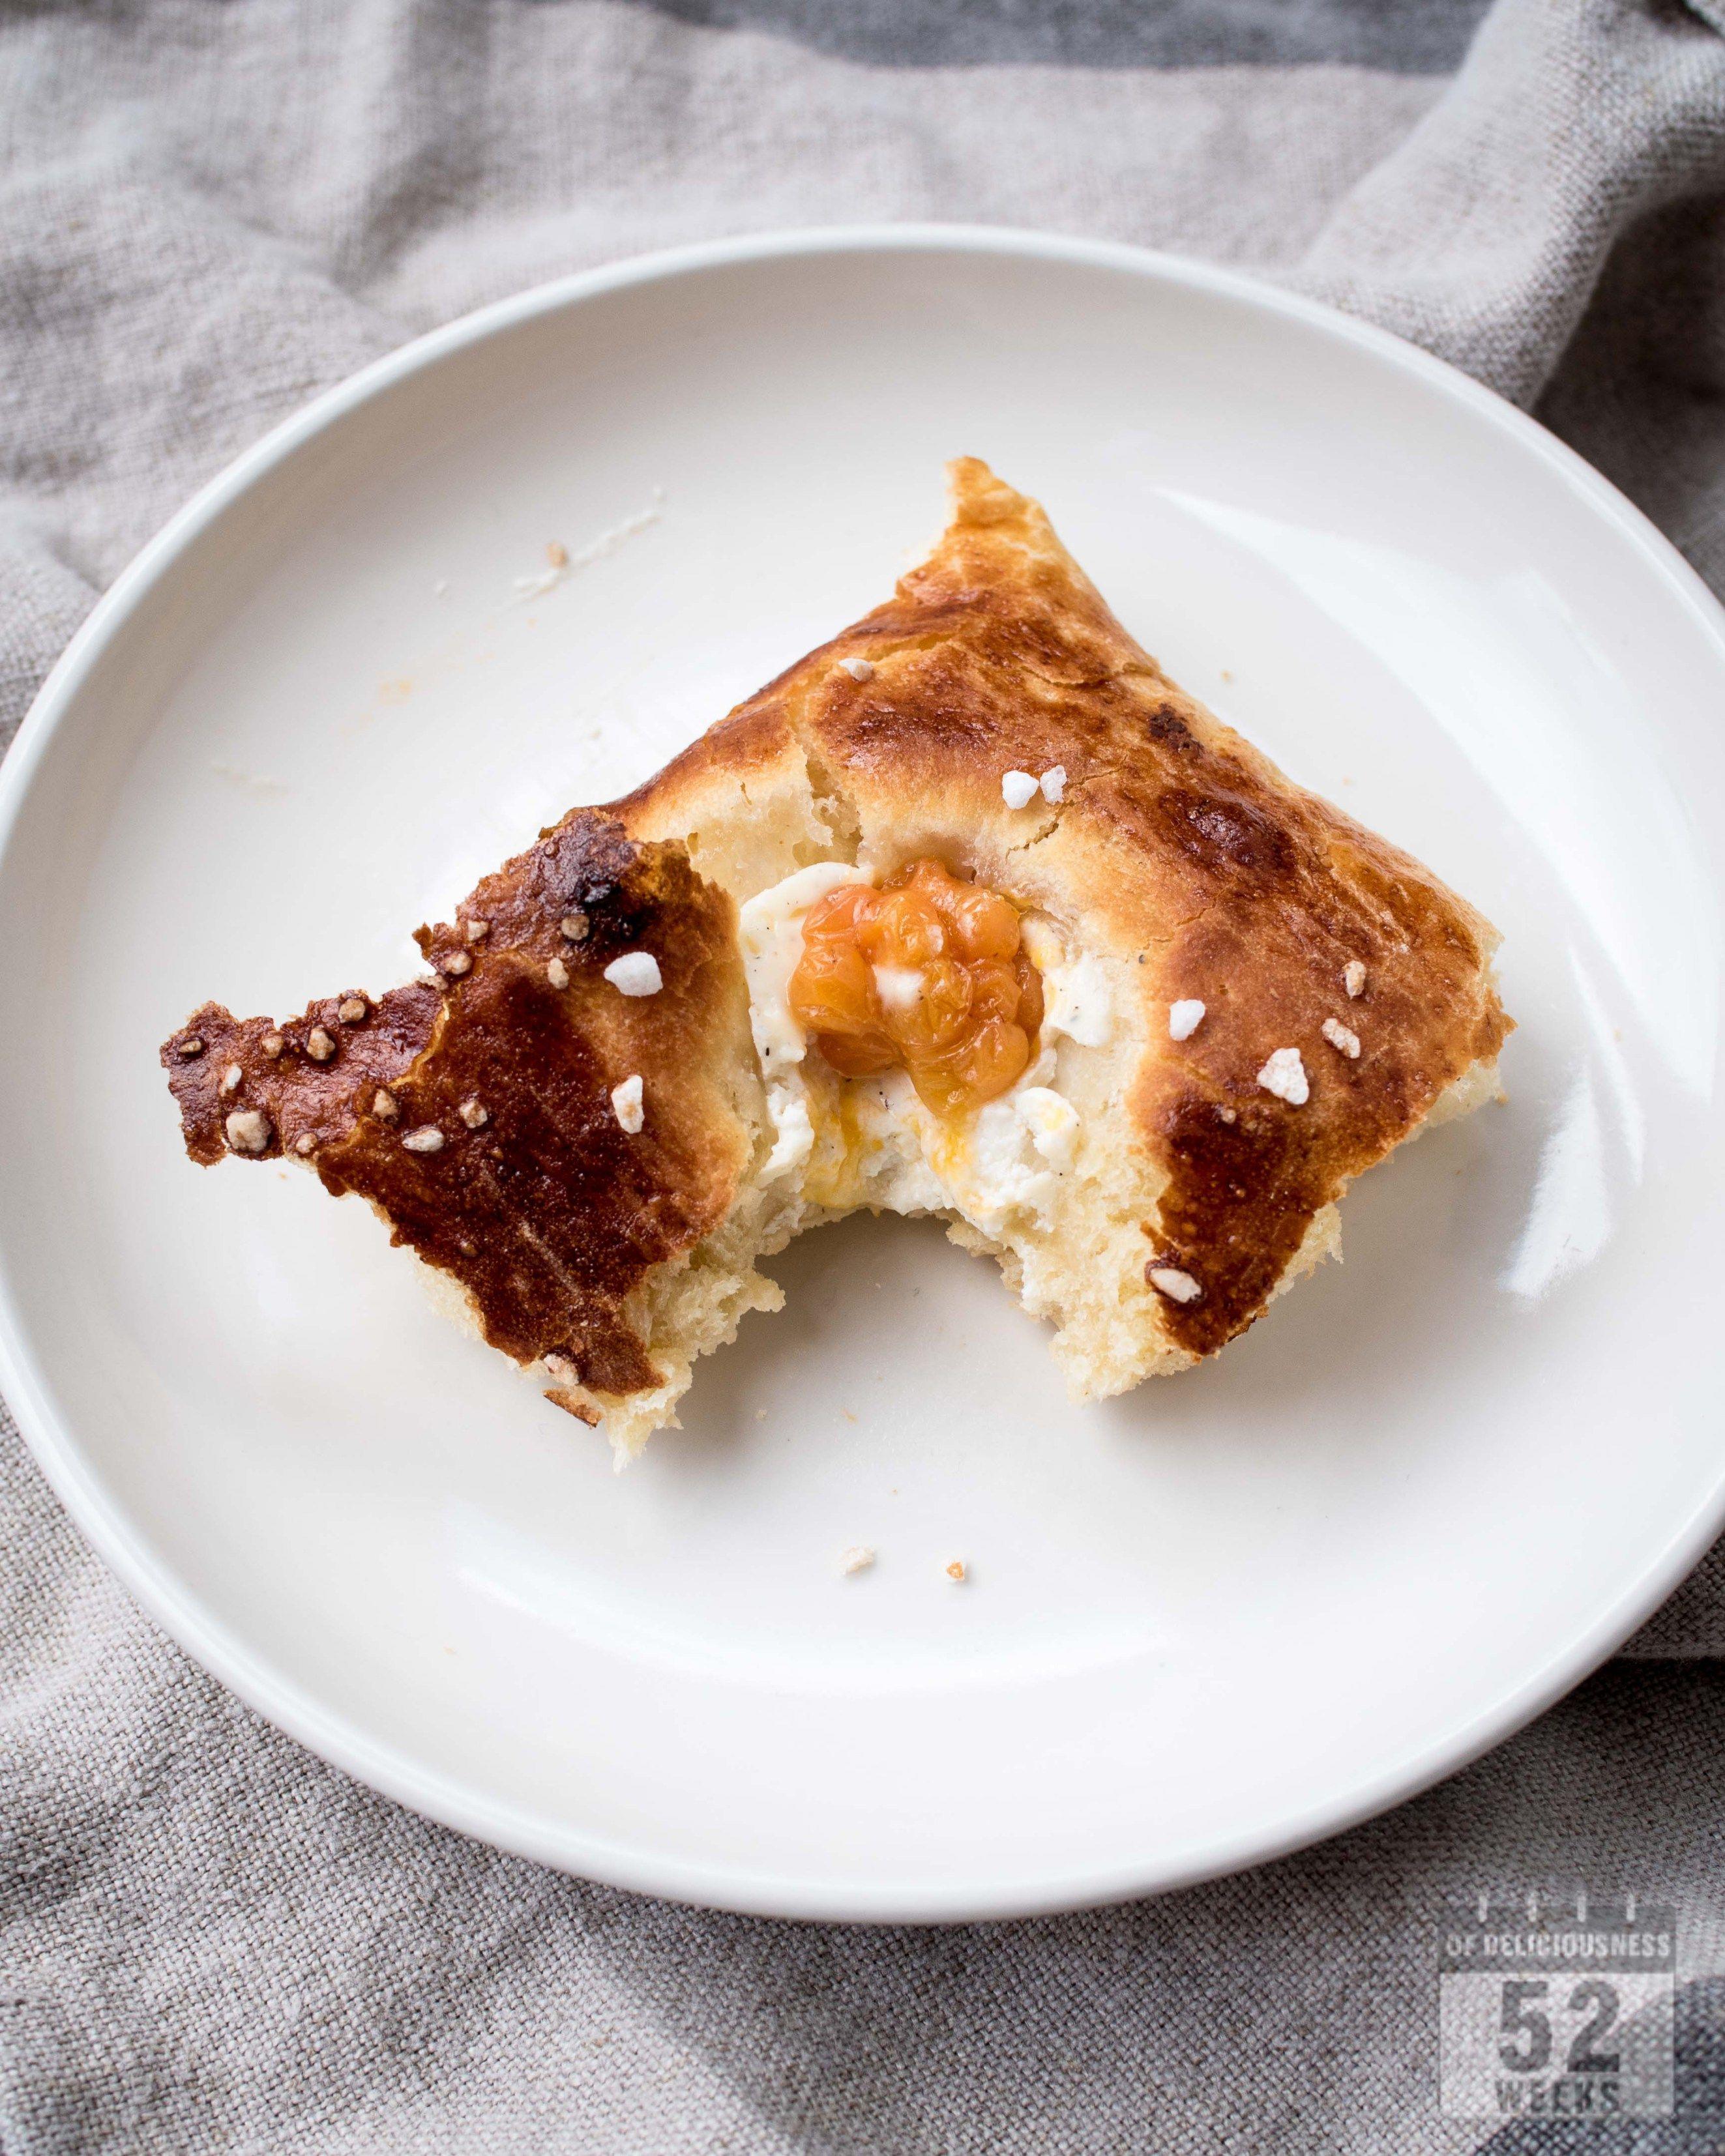 Mahtava ja muhkea peltipulla hilloilla ja vaniljarahkalla on kahvipöydän kuningas. Helppo herkku isommallekin porukalle ja tyydyttää taatusti pullanhimon.